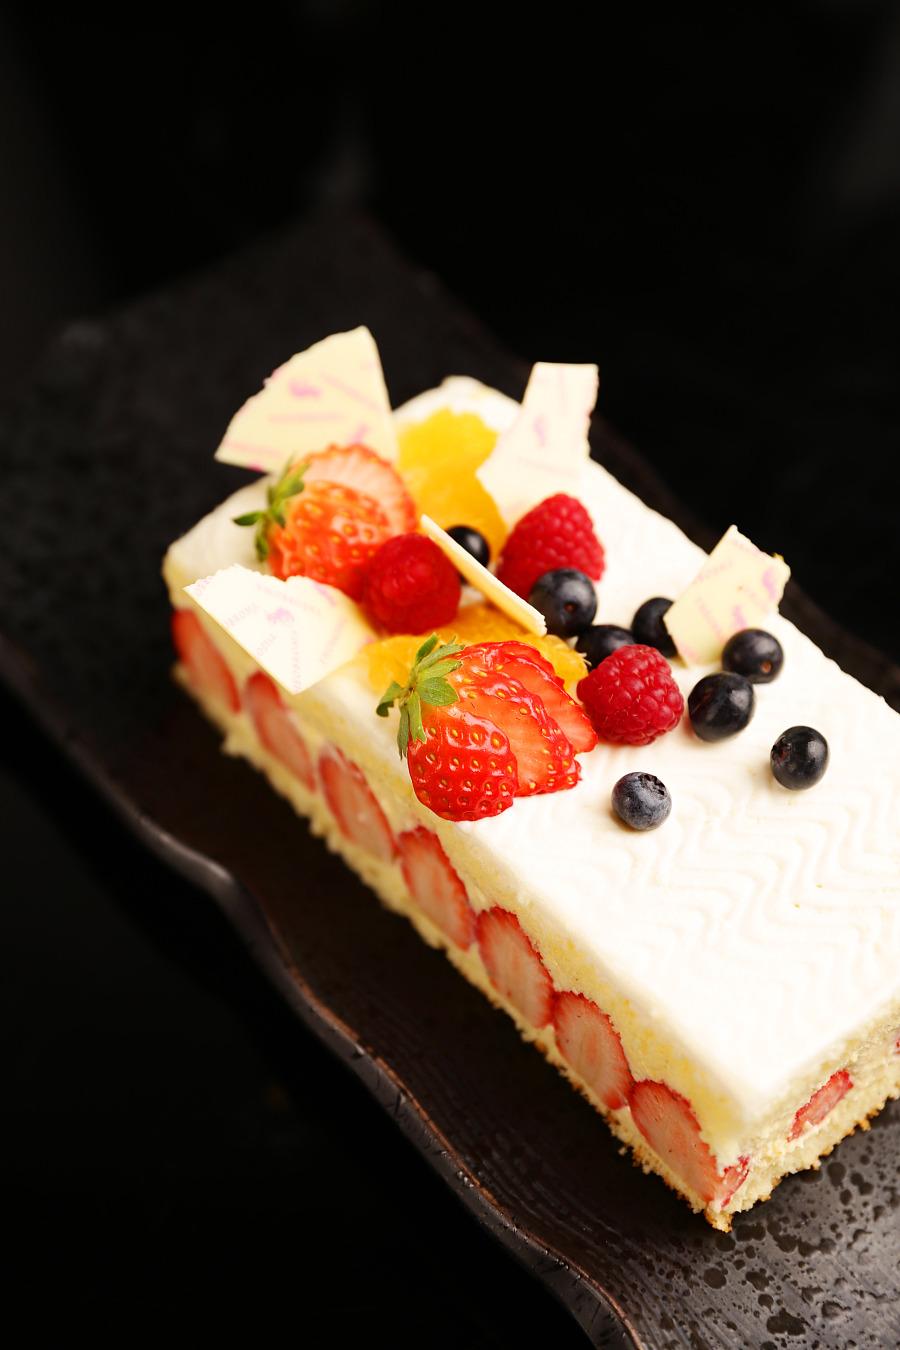 日本甜品大全_想去日本学甜点但是我很穷.